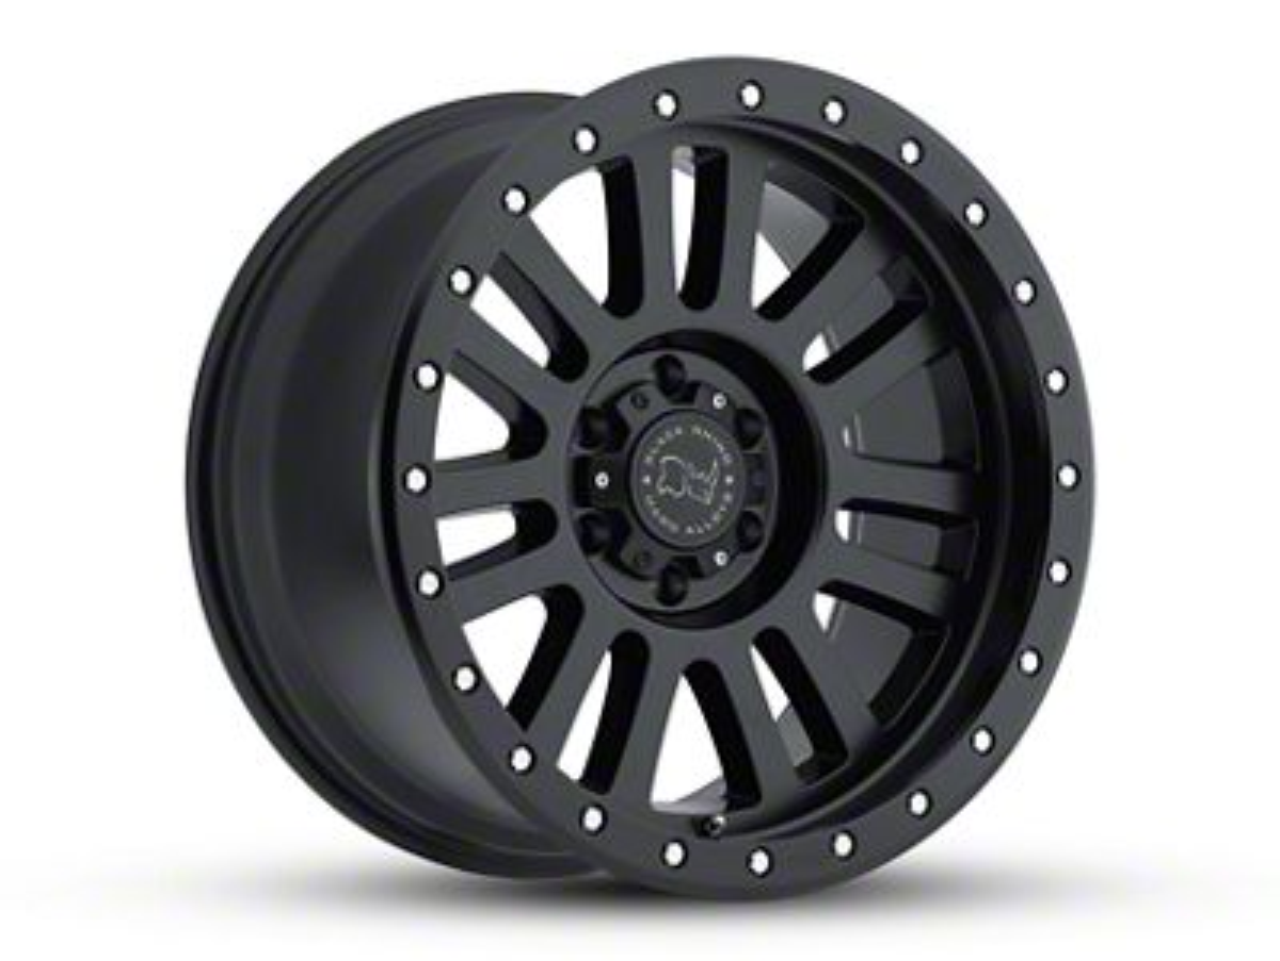 Black Rhino El Cajon Matte Black 6-Lug Wheel - 17x9 (99-18 Silverado 1500)